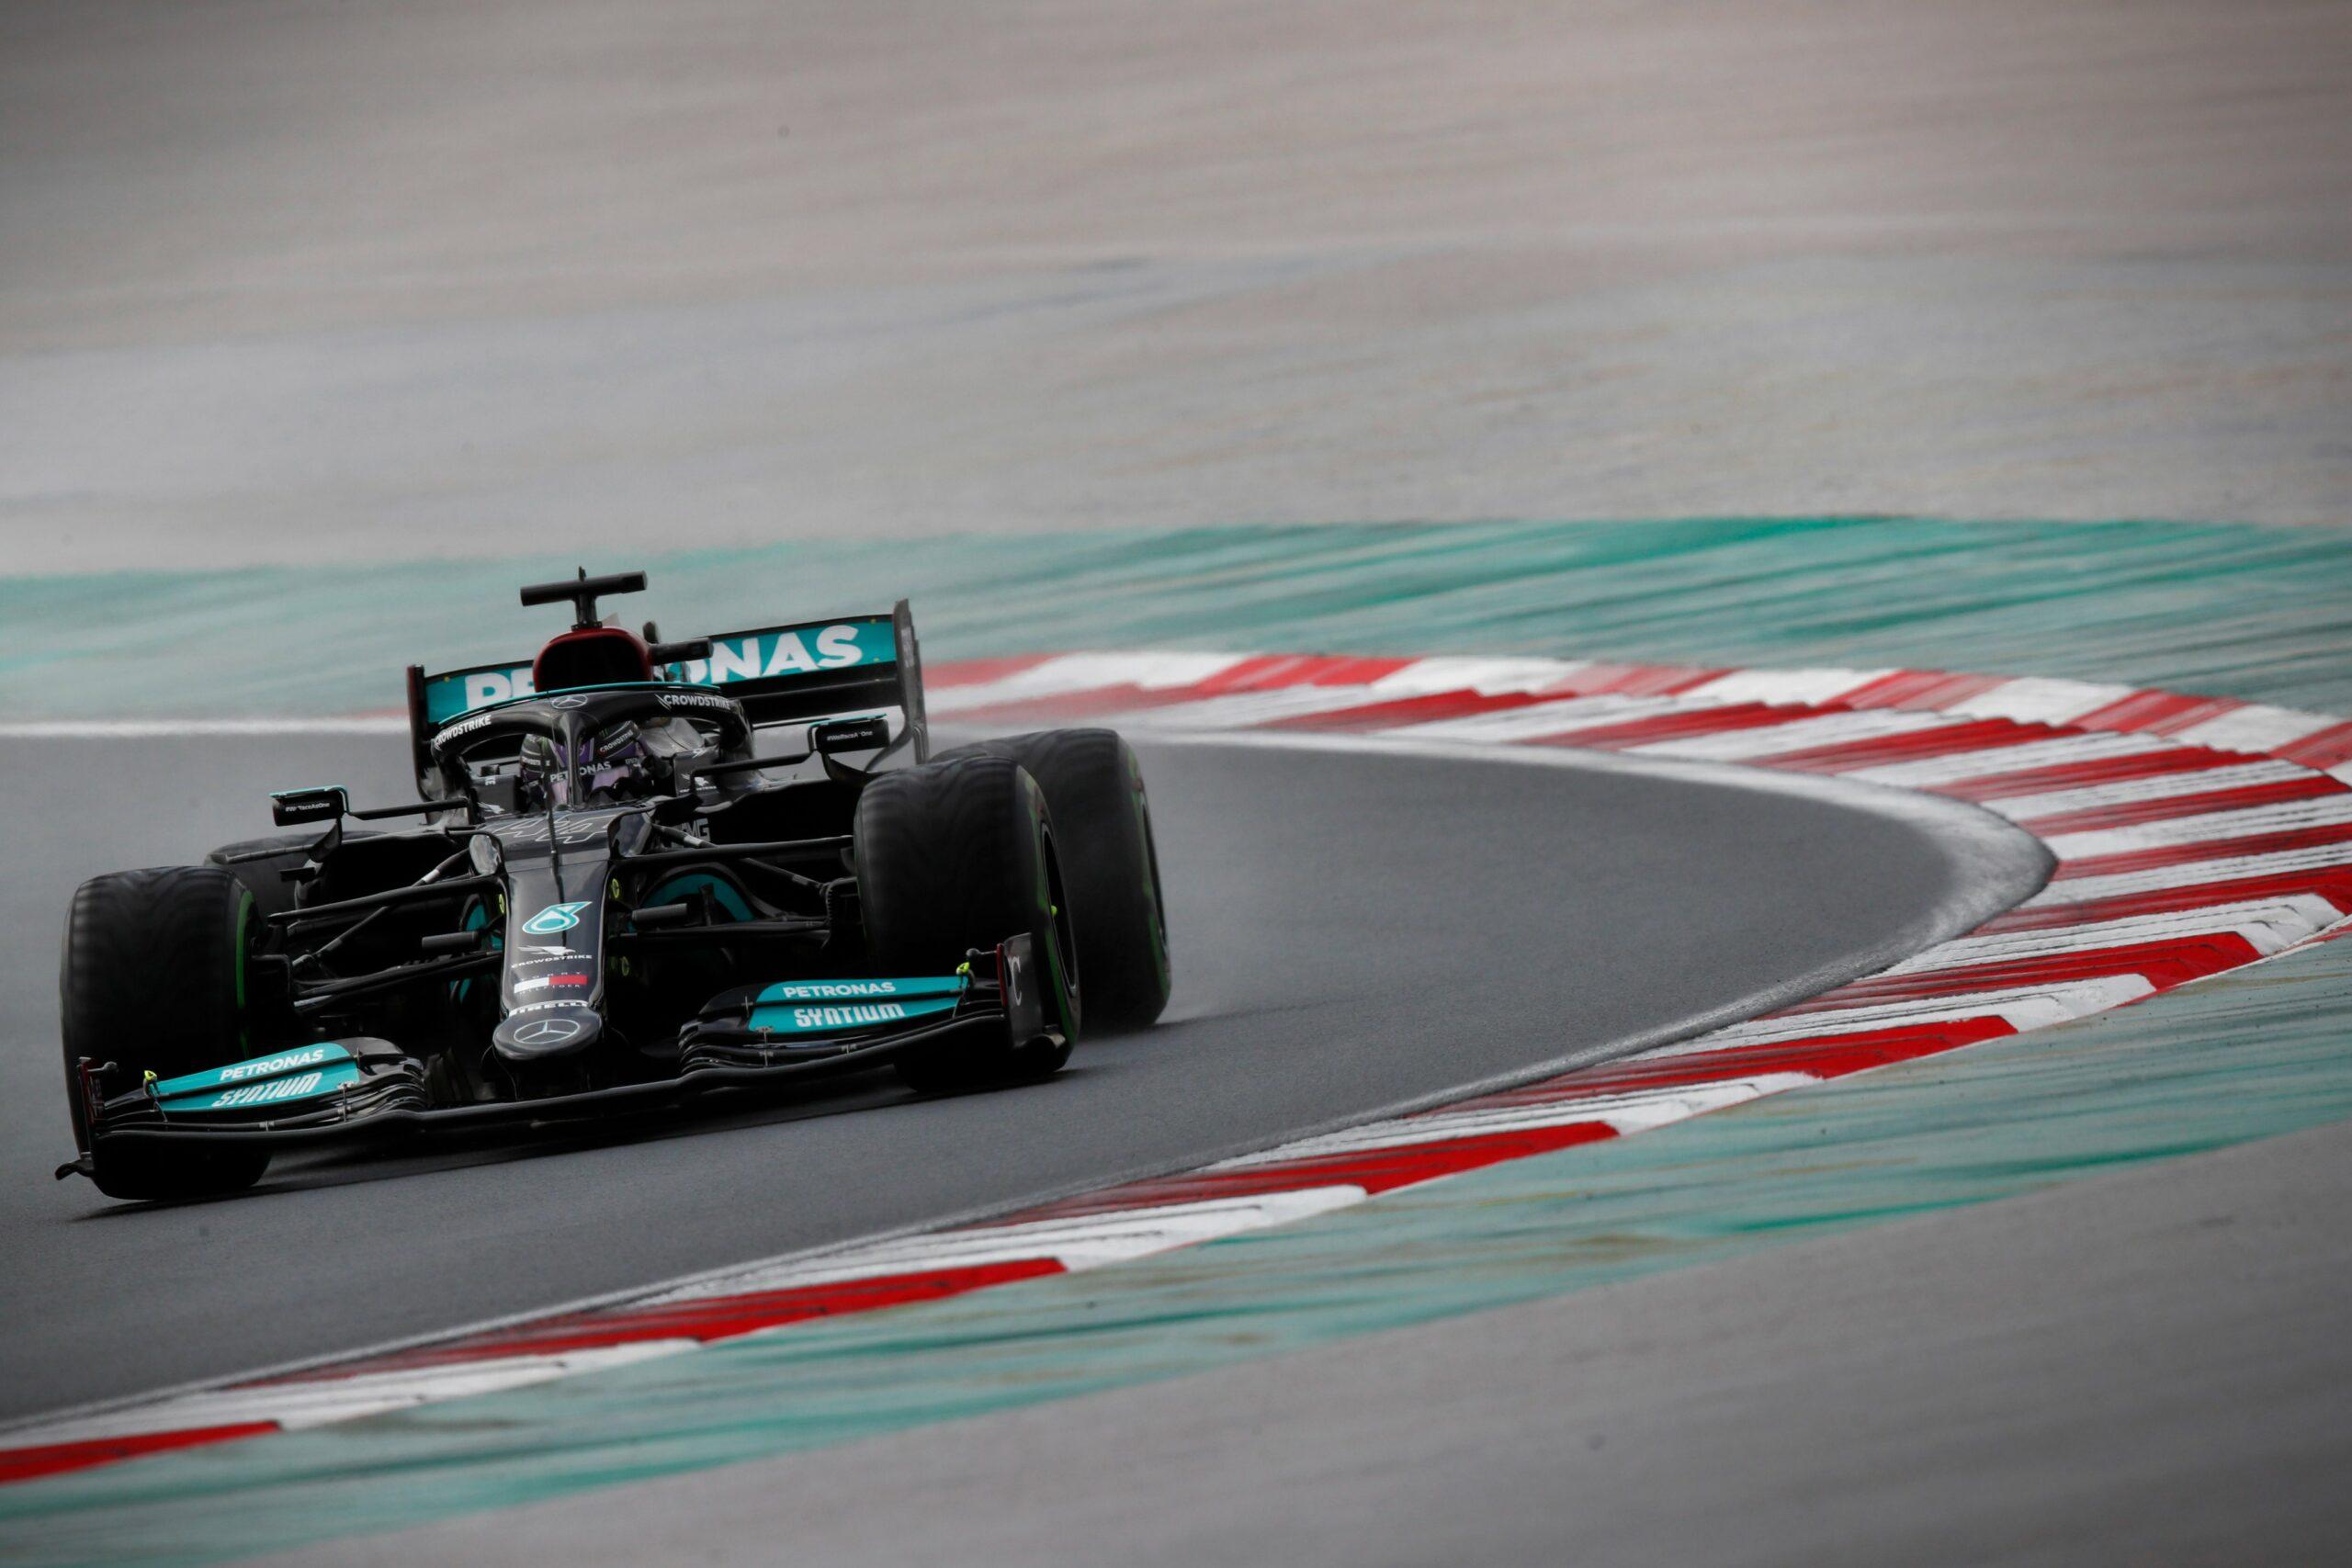 F1 - Hamilton pense qu'il aurait pu rallier l'arrivée sans s'arrêter au stand